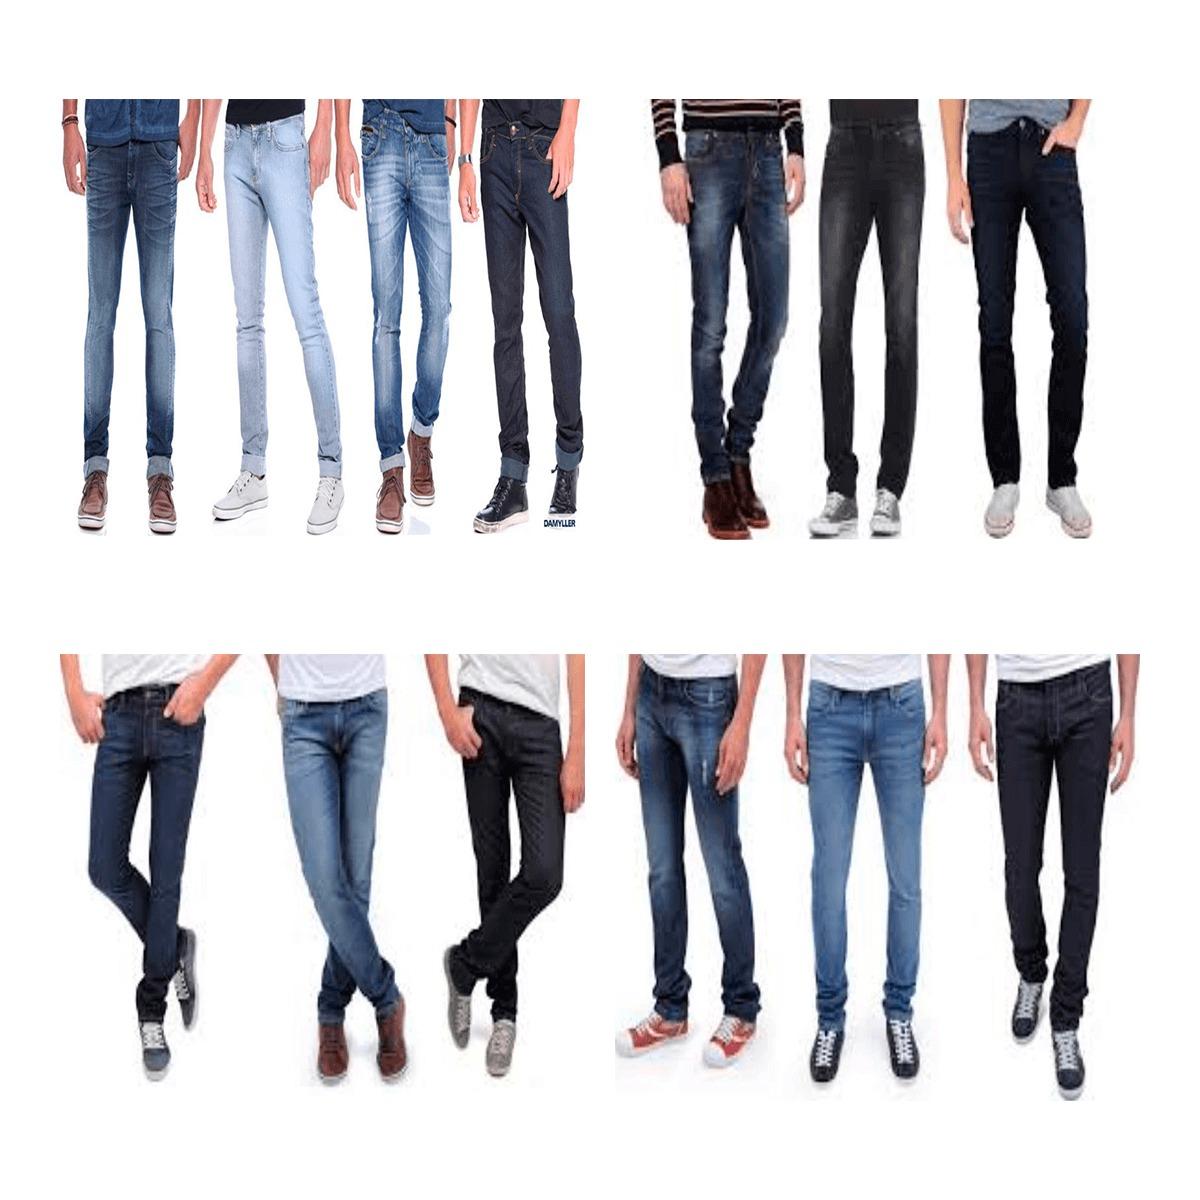 kit 20 calça jeans masculina de marca slim skinny atacado. Carregando zoom. 4750795fd1b